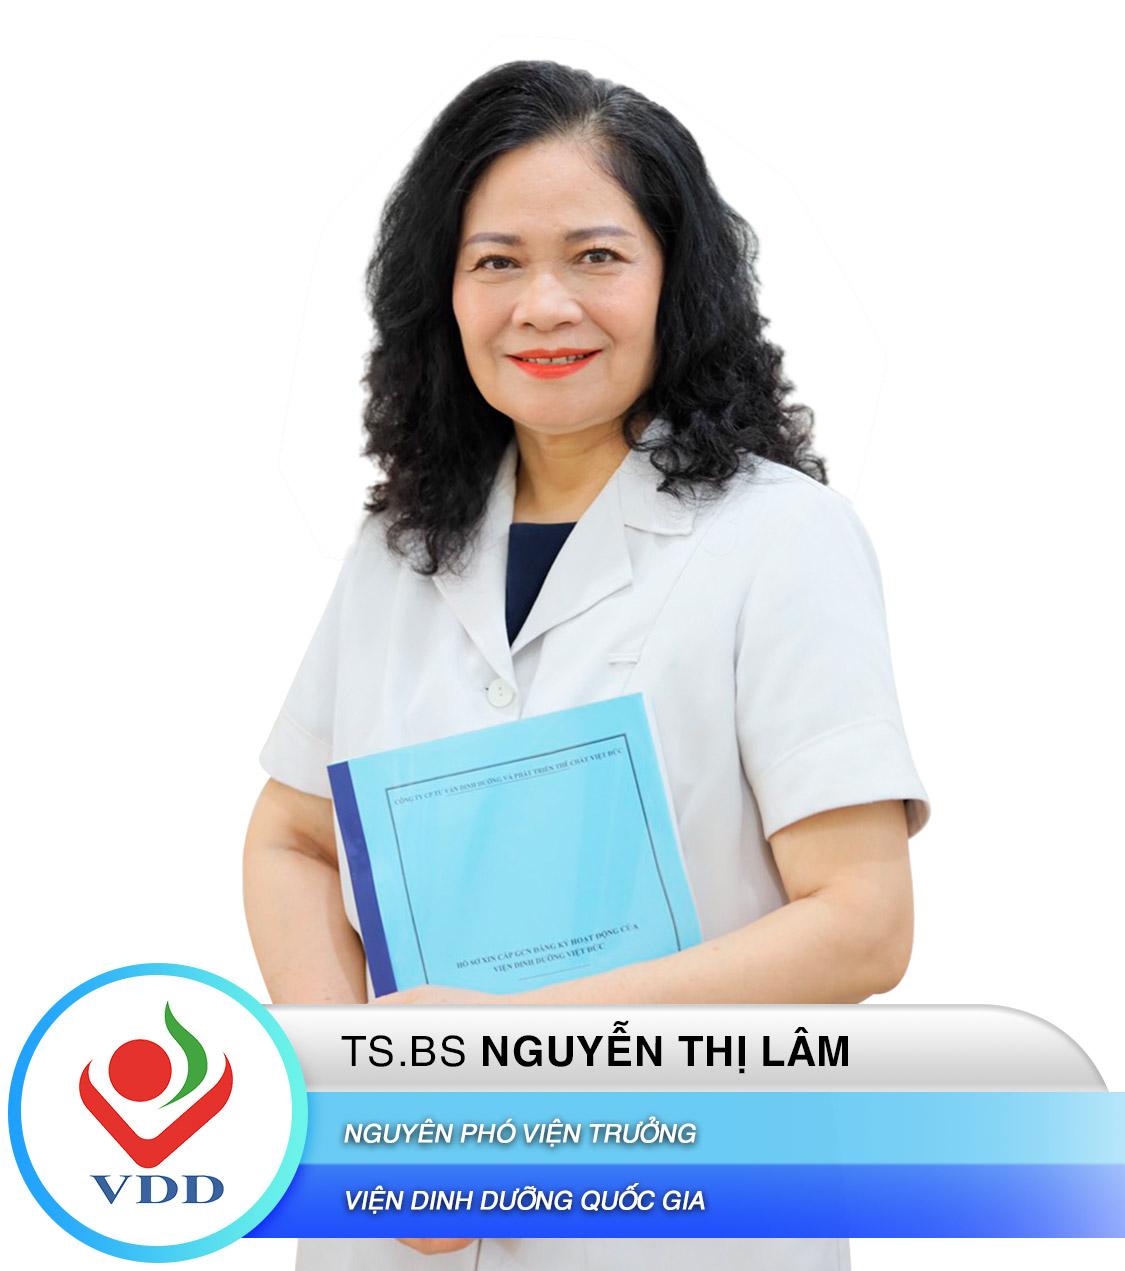 17. Nguyễn Thị Lâm